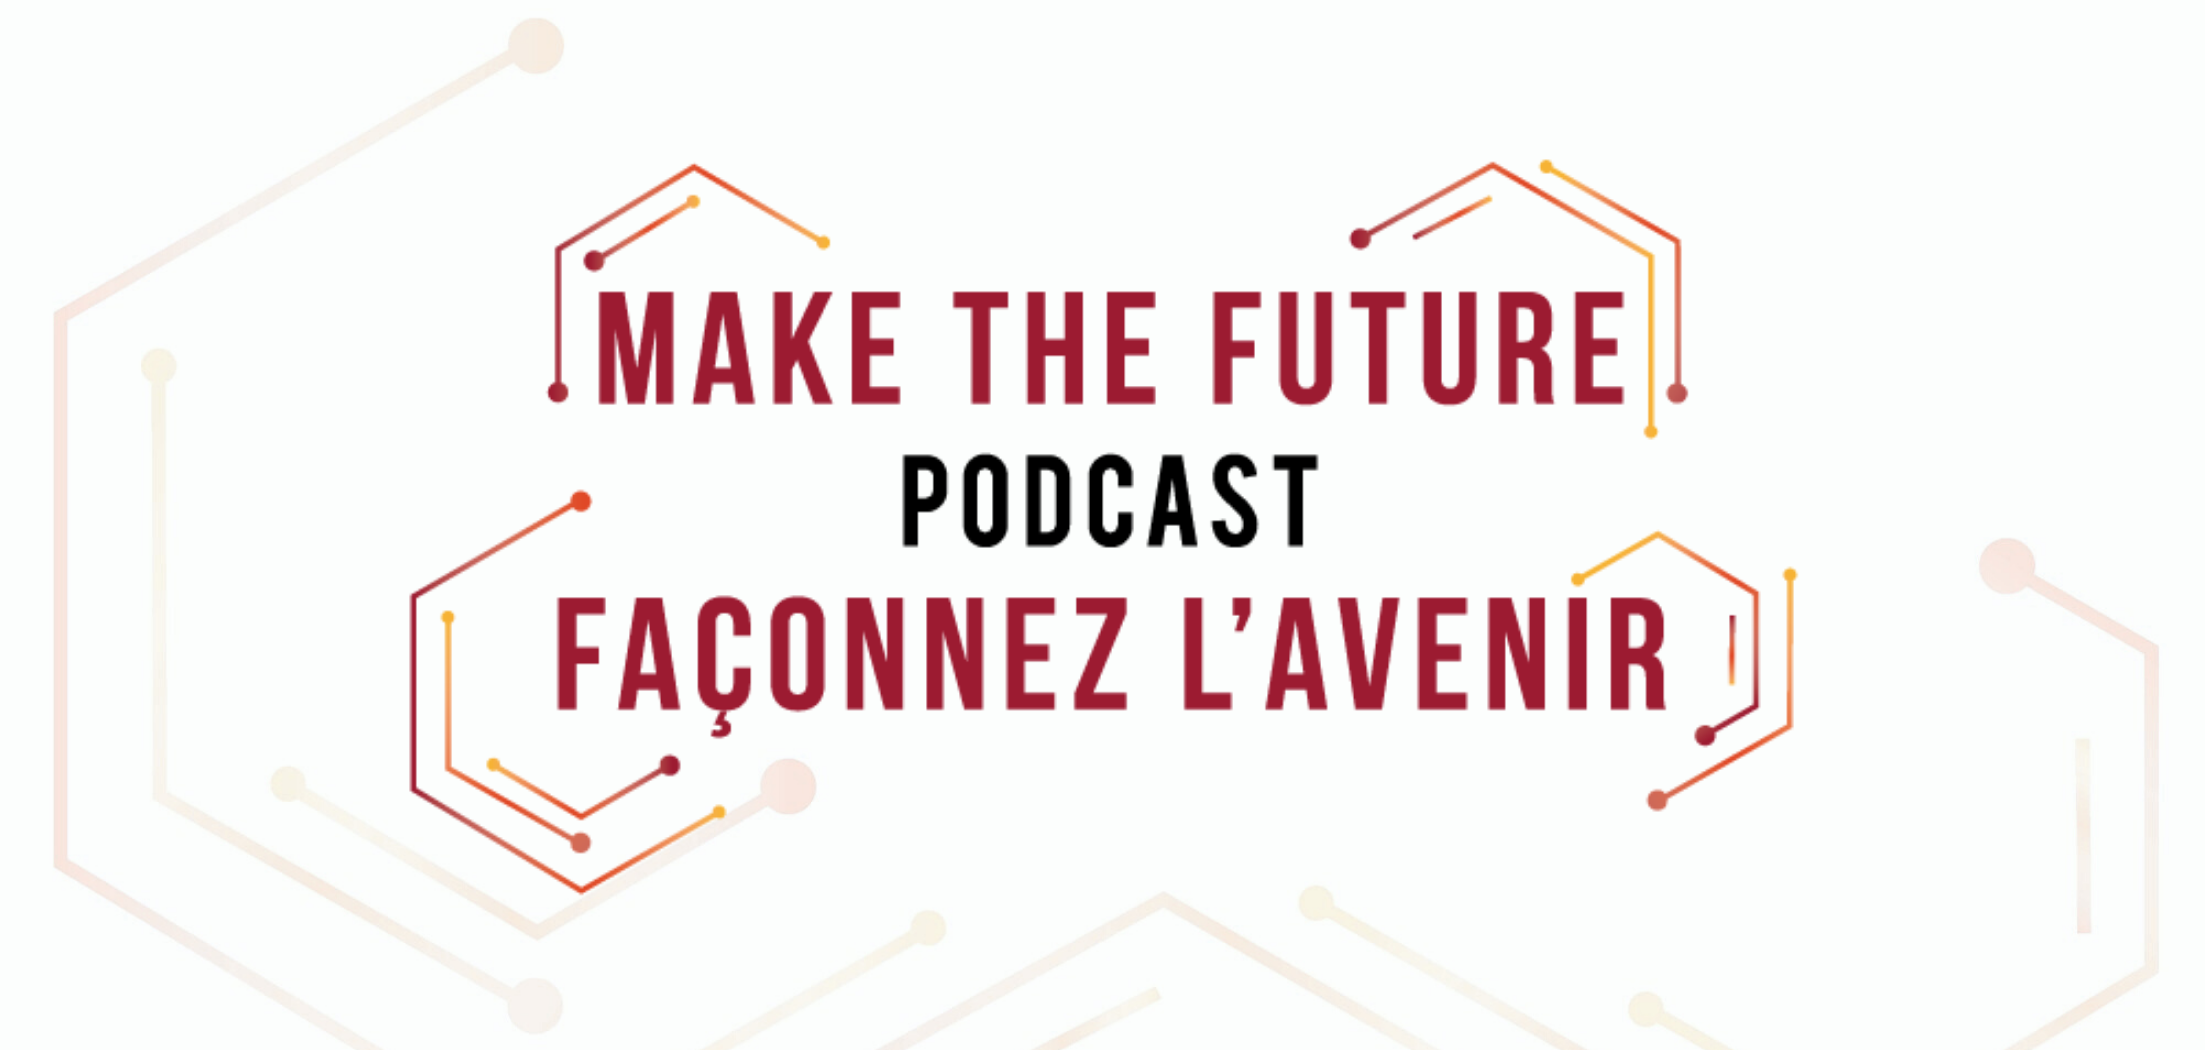 Make the Future podcast